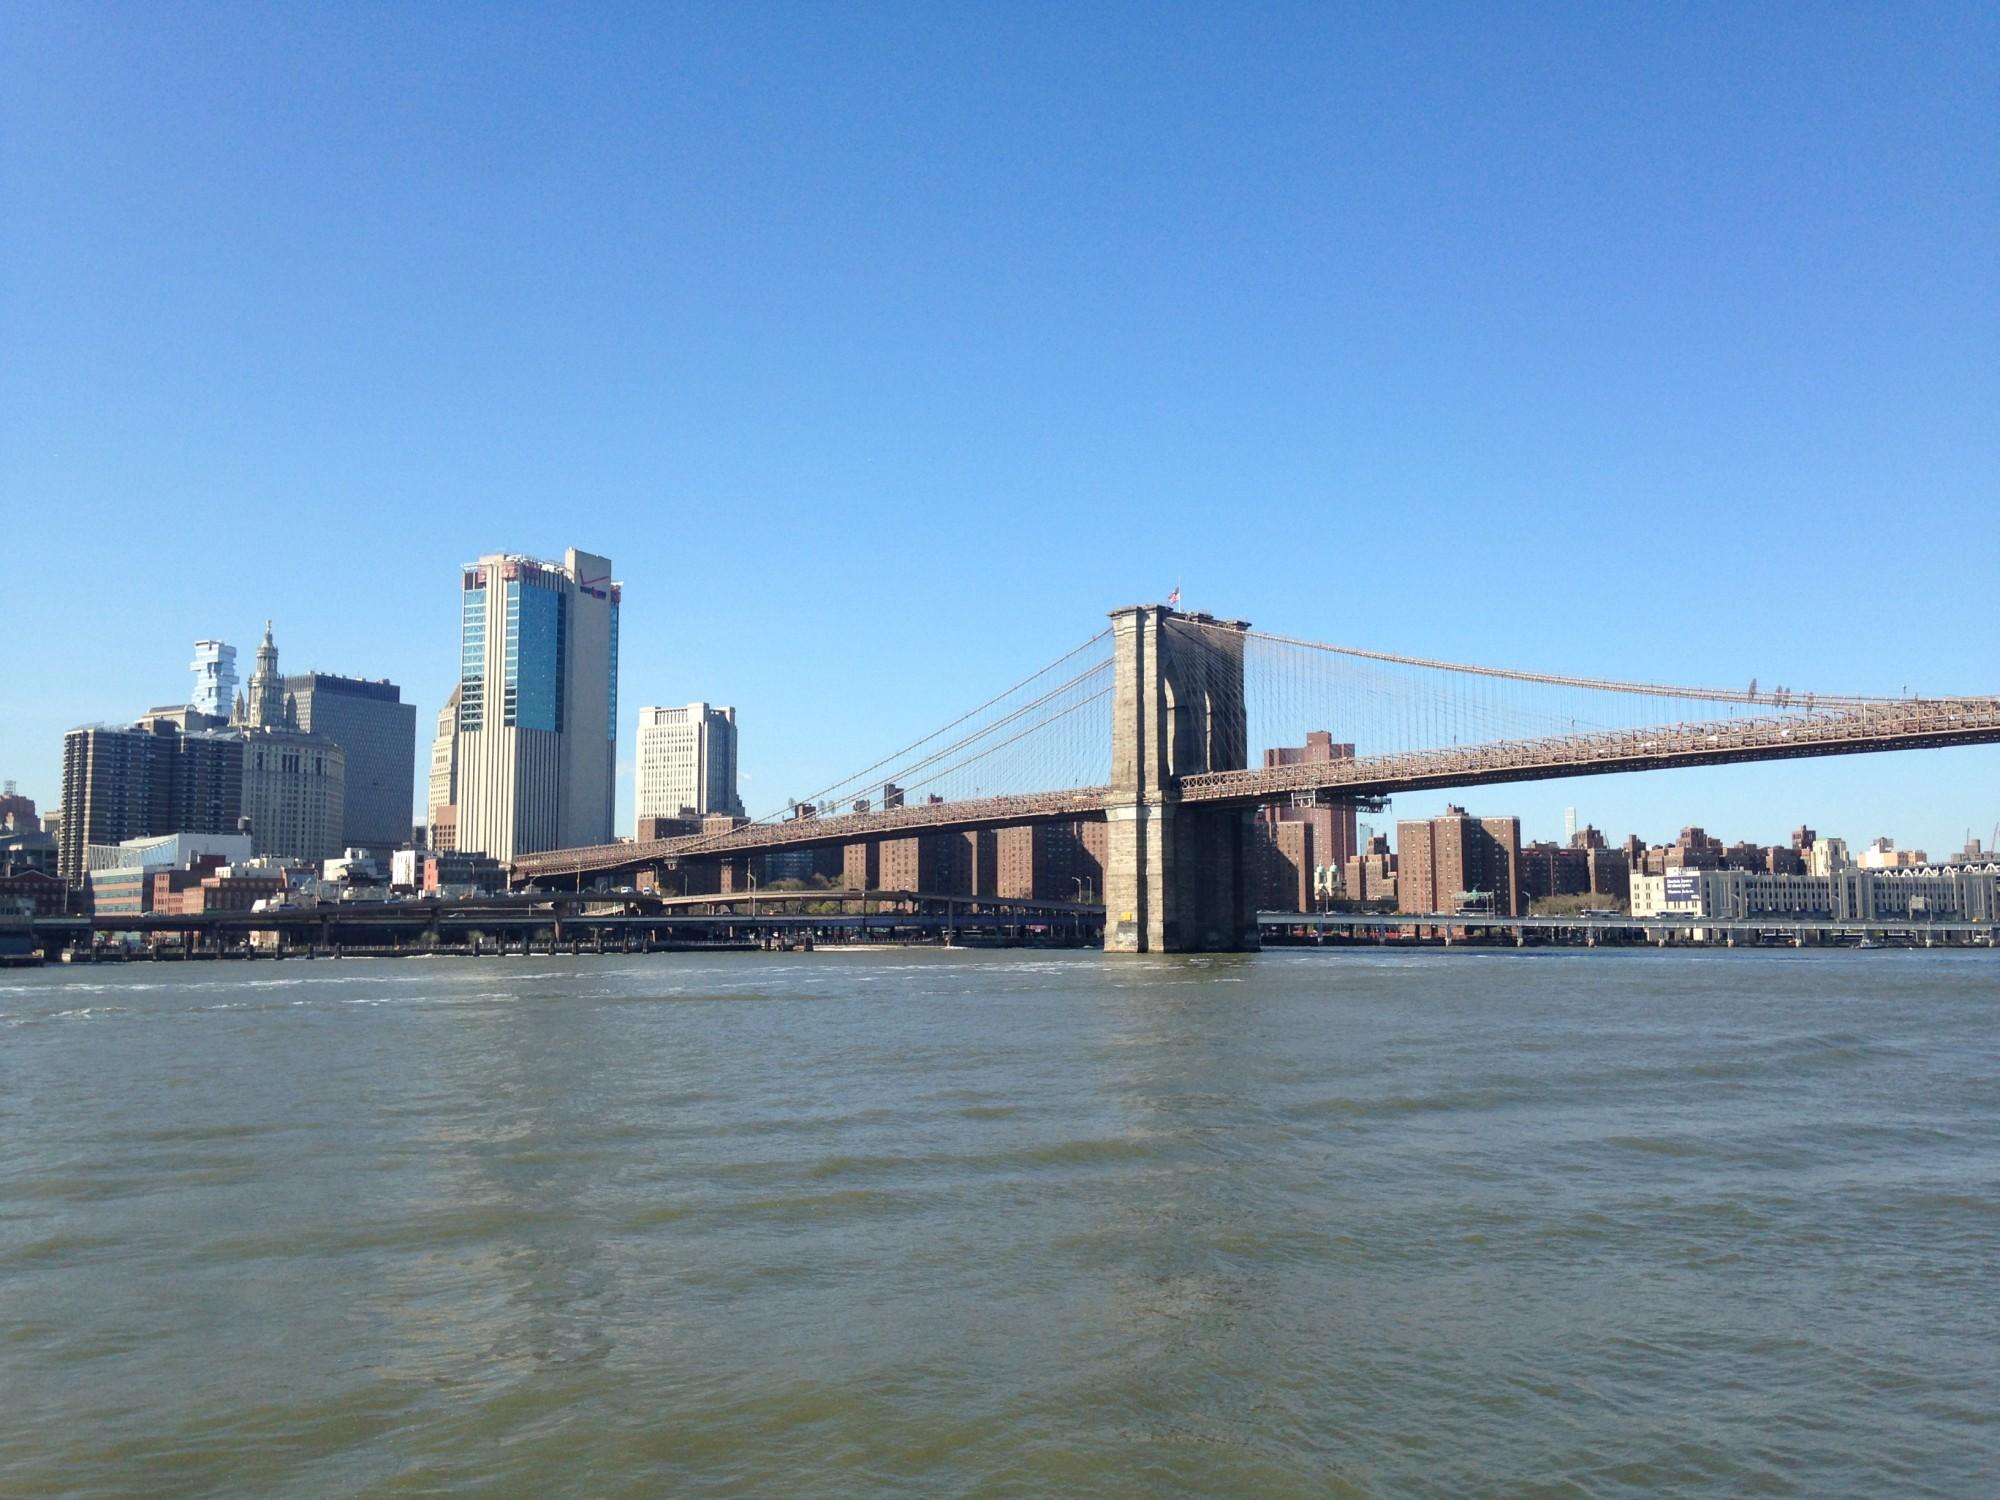 voyage organisé à New York - vue sur pont de Brooklyn